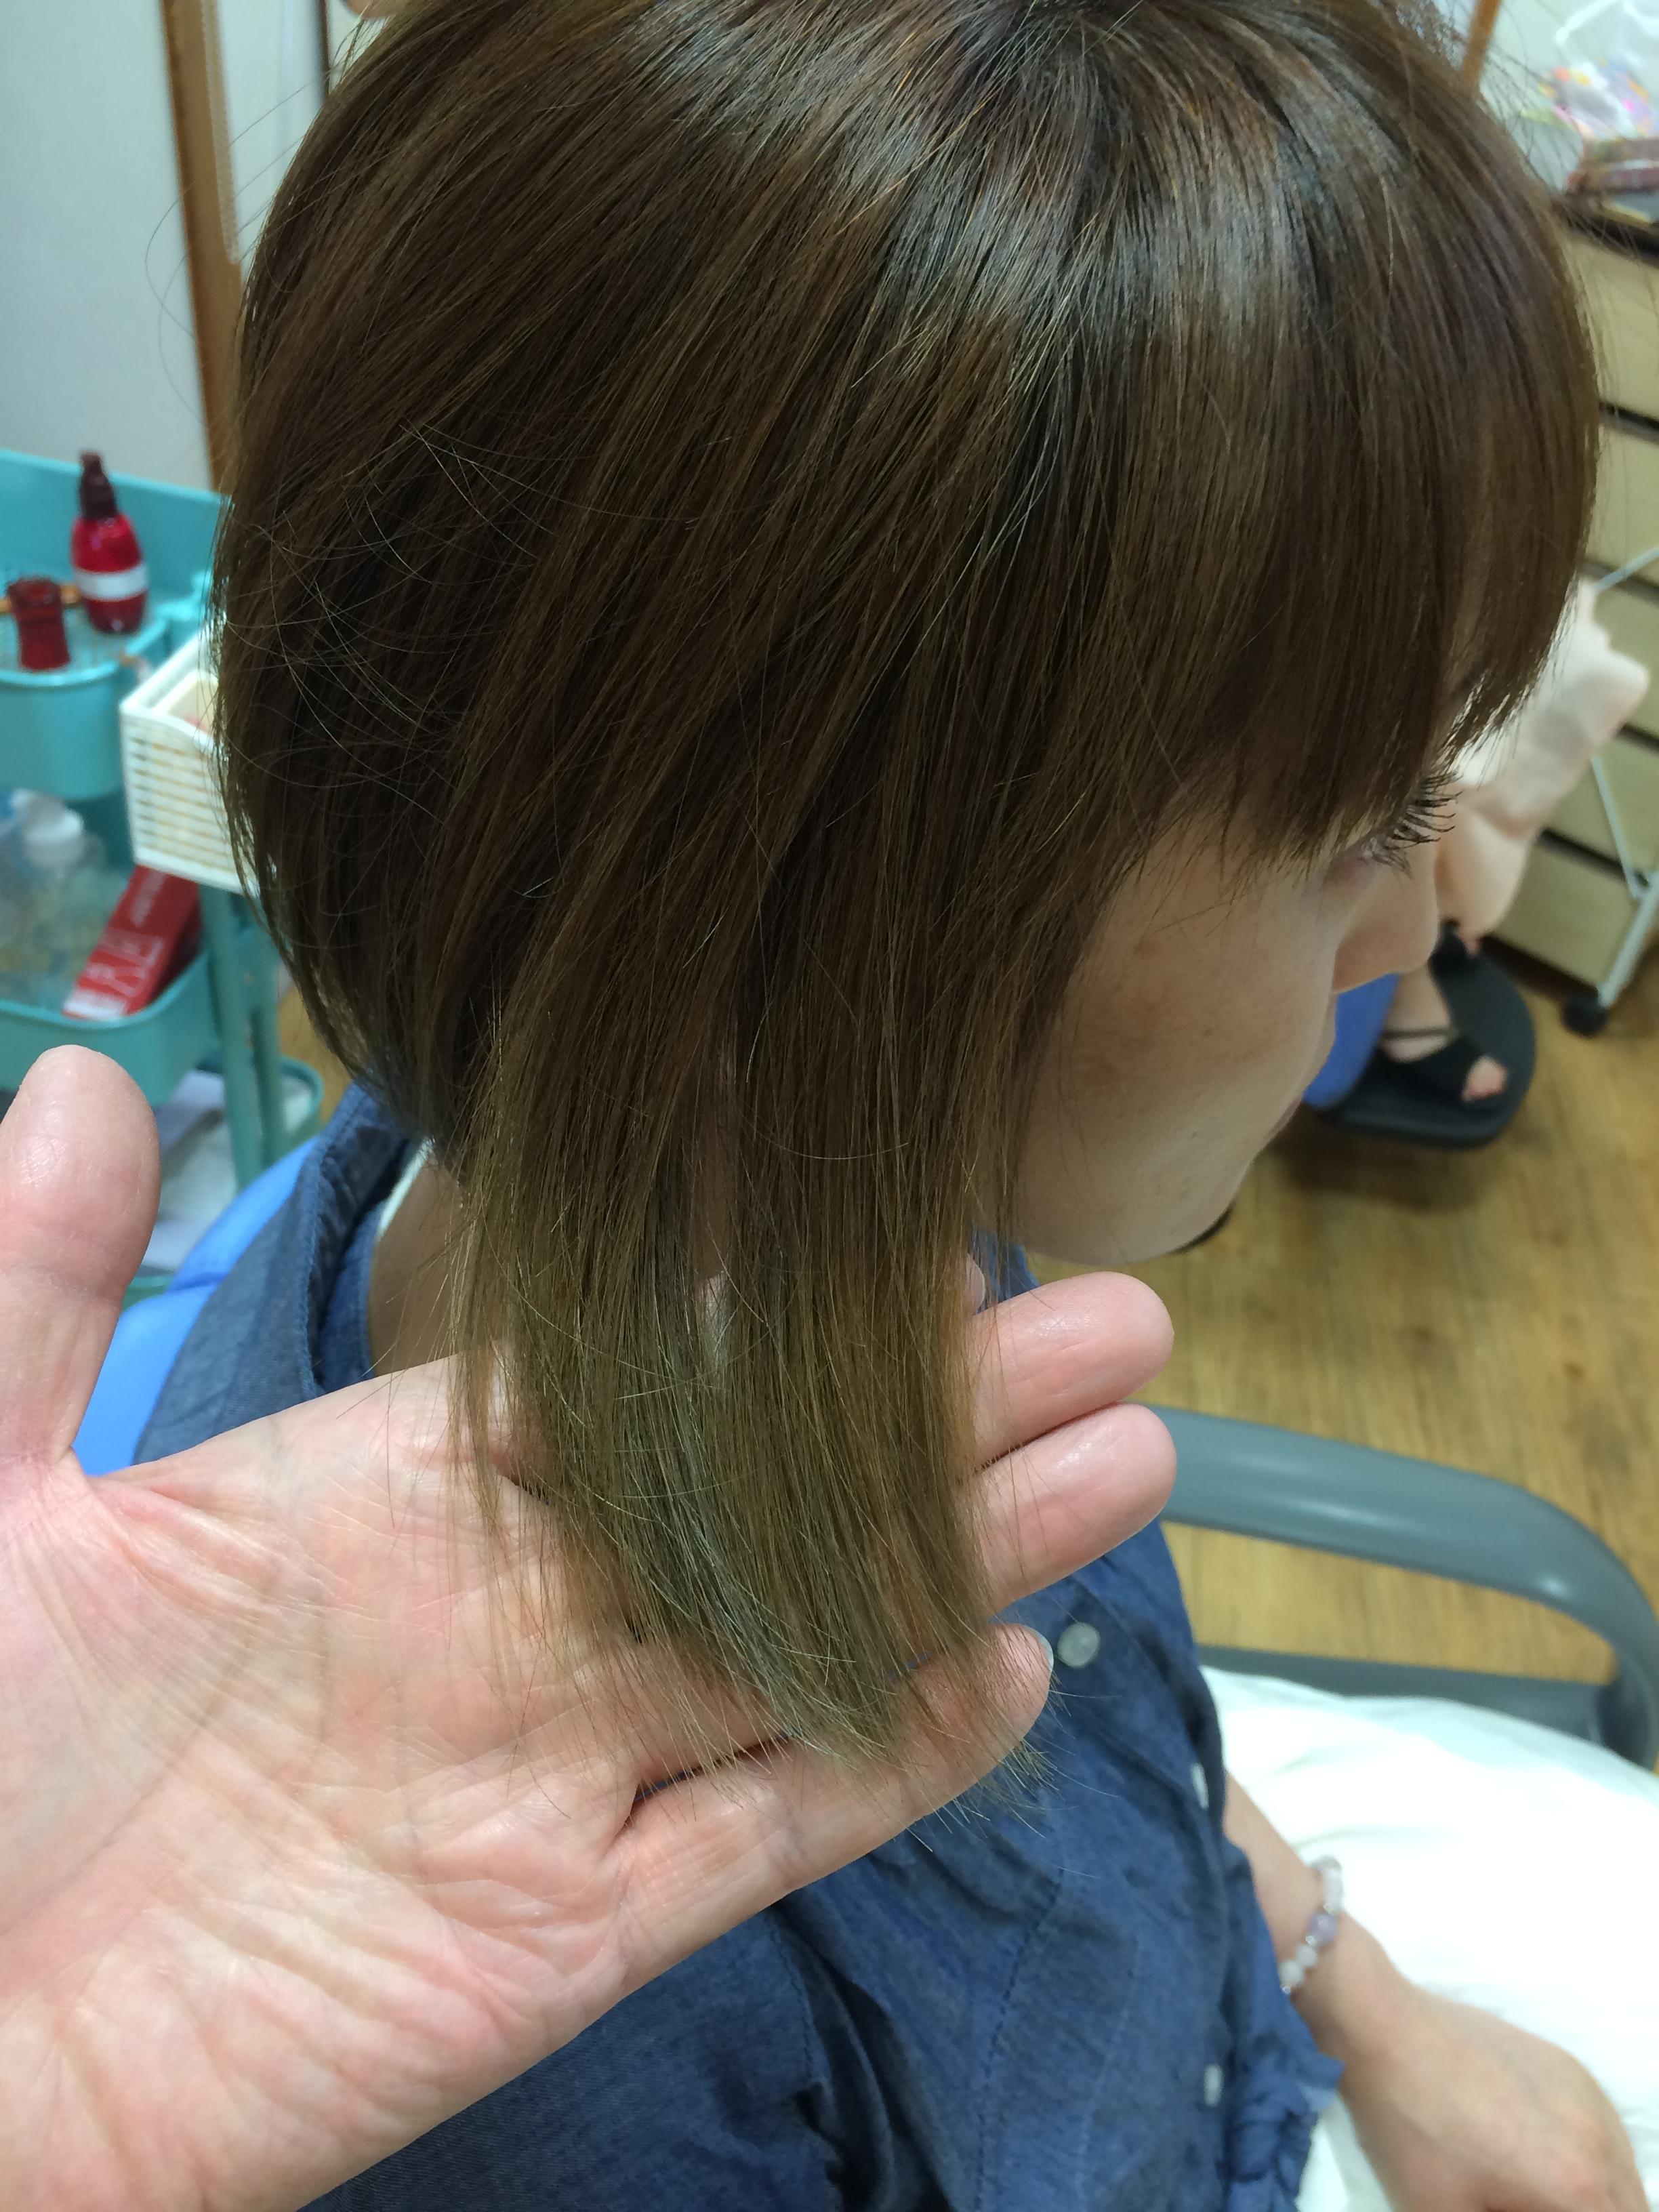 ヘアカラー毛の乾燥から髪を守るつやつや縮毛矯正